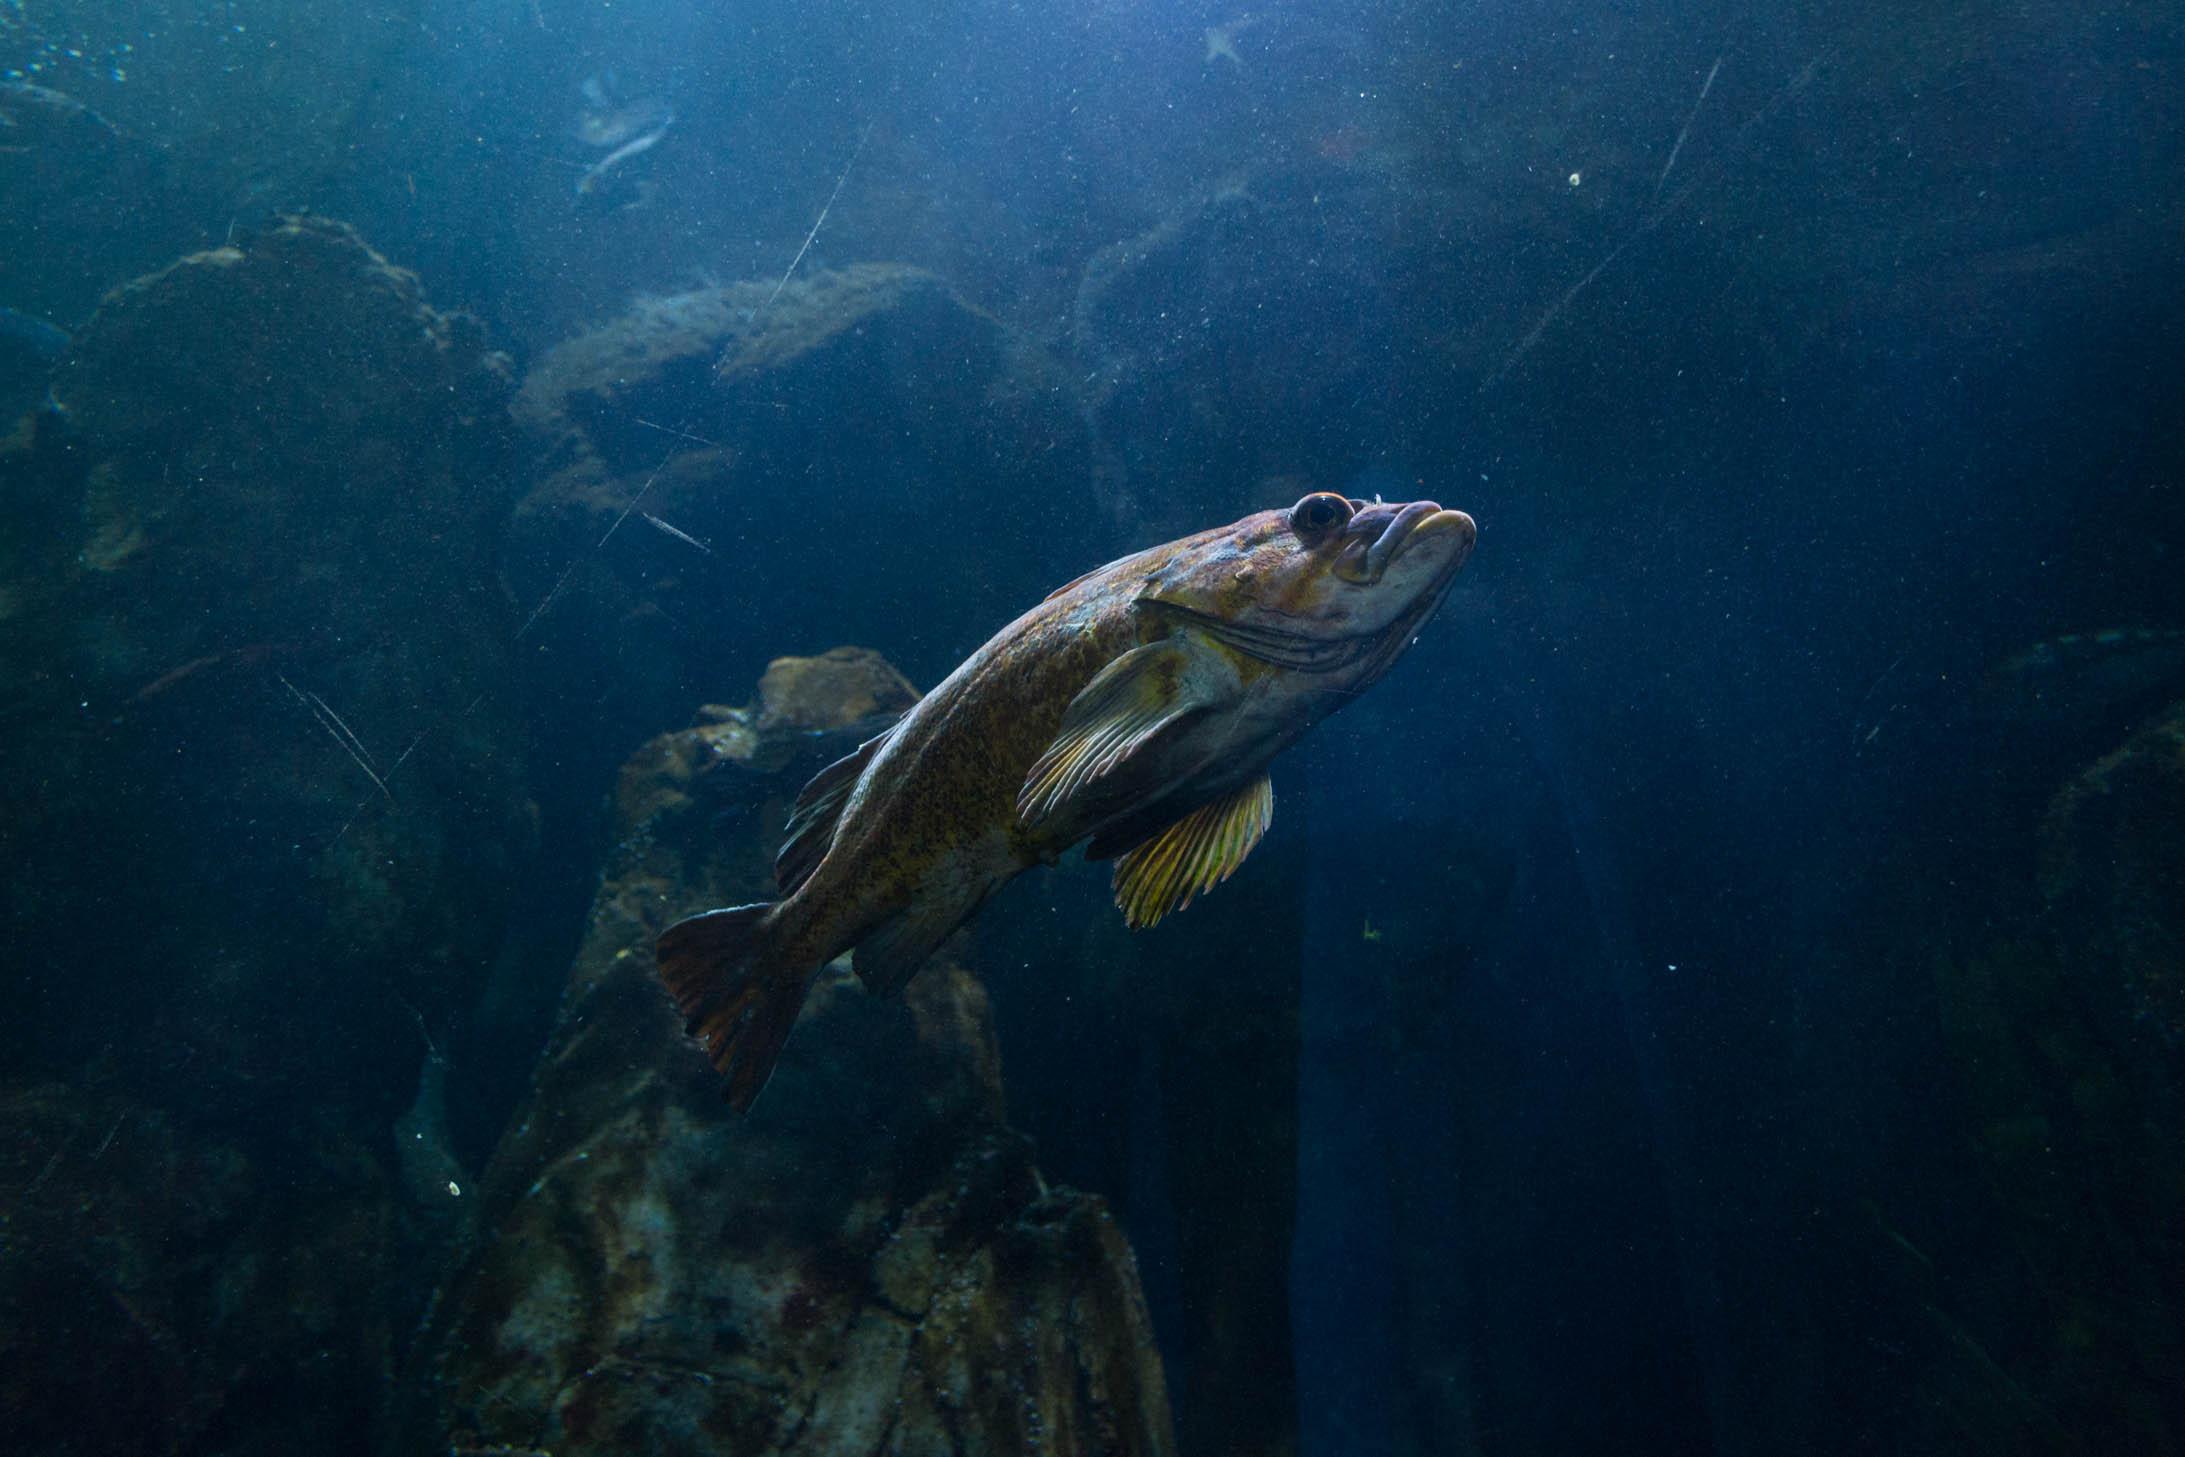 Les poissons ne sont pas faciles à photographier dans les aquariums